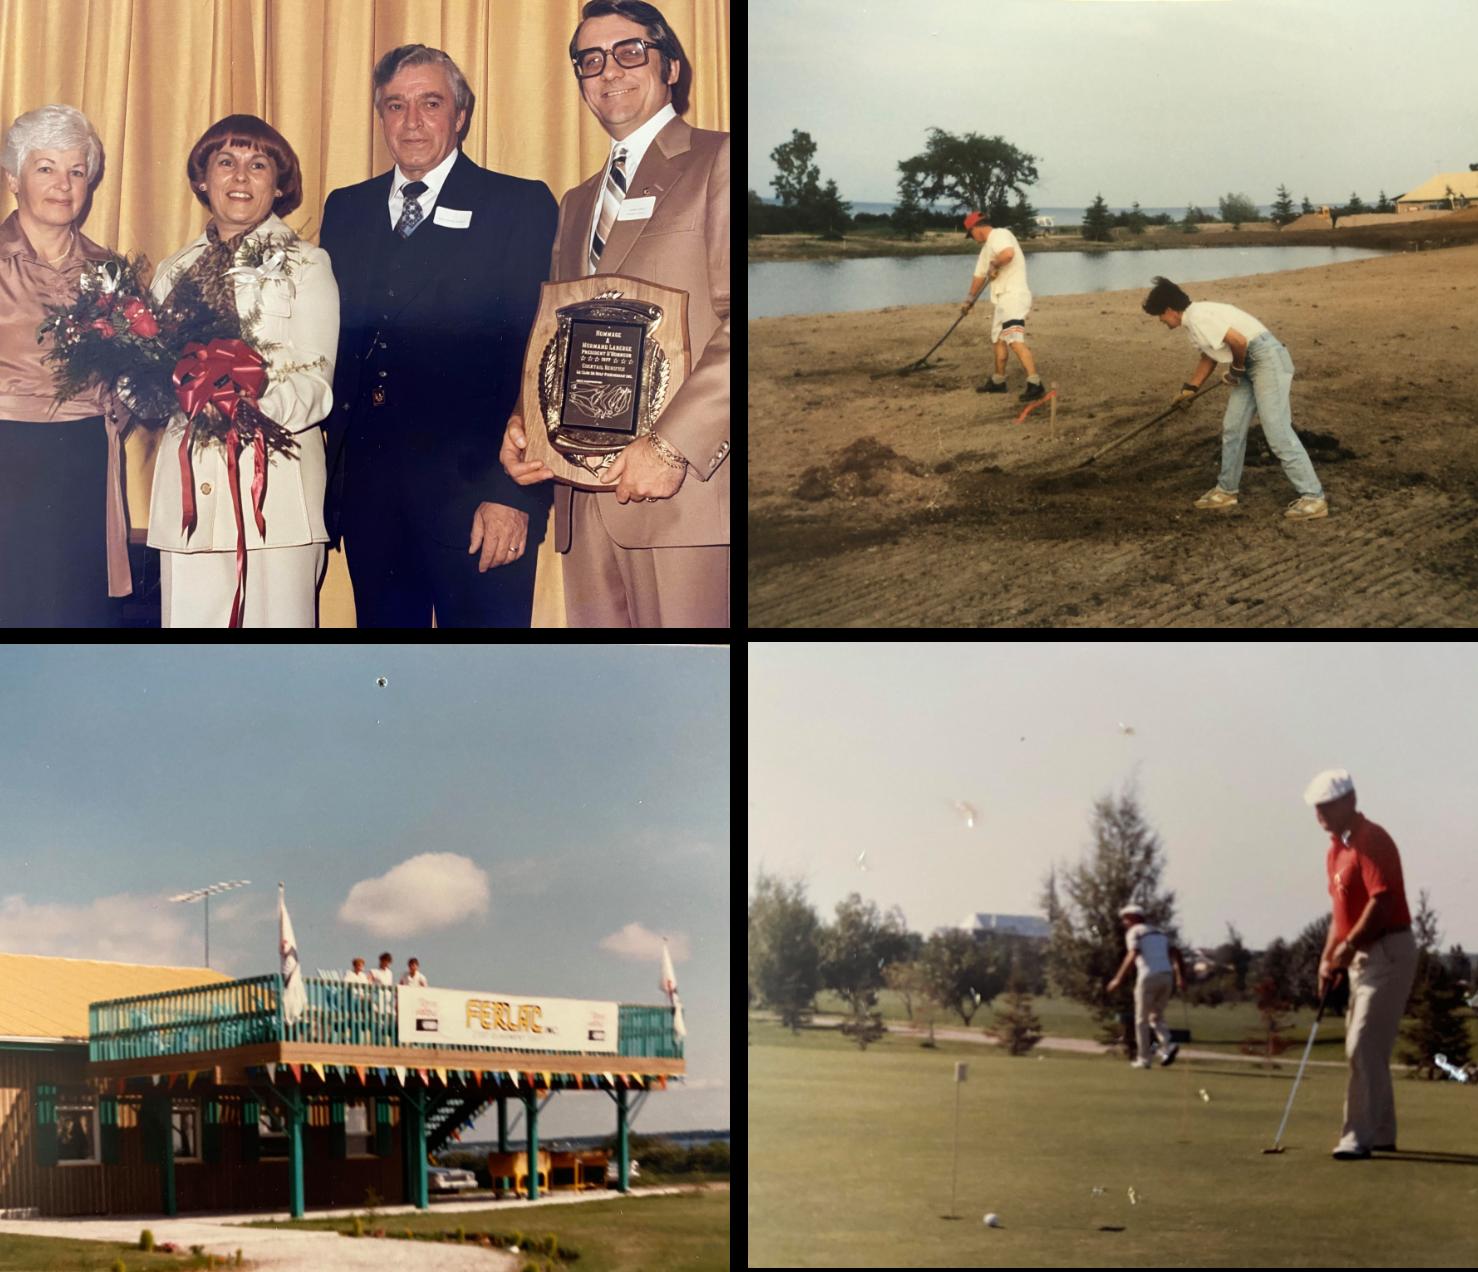 Golf Saint_Prime Page histoire ensemble de photos